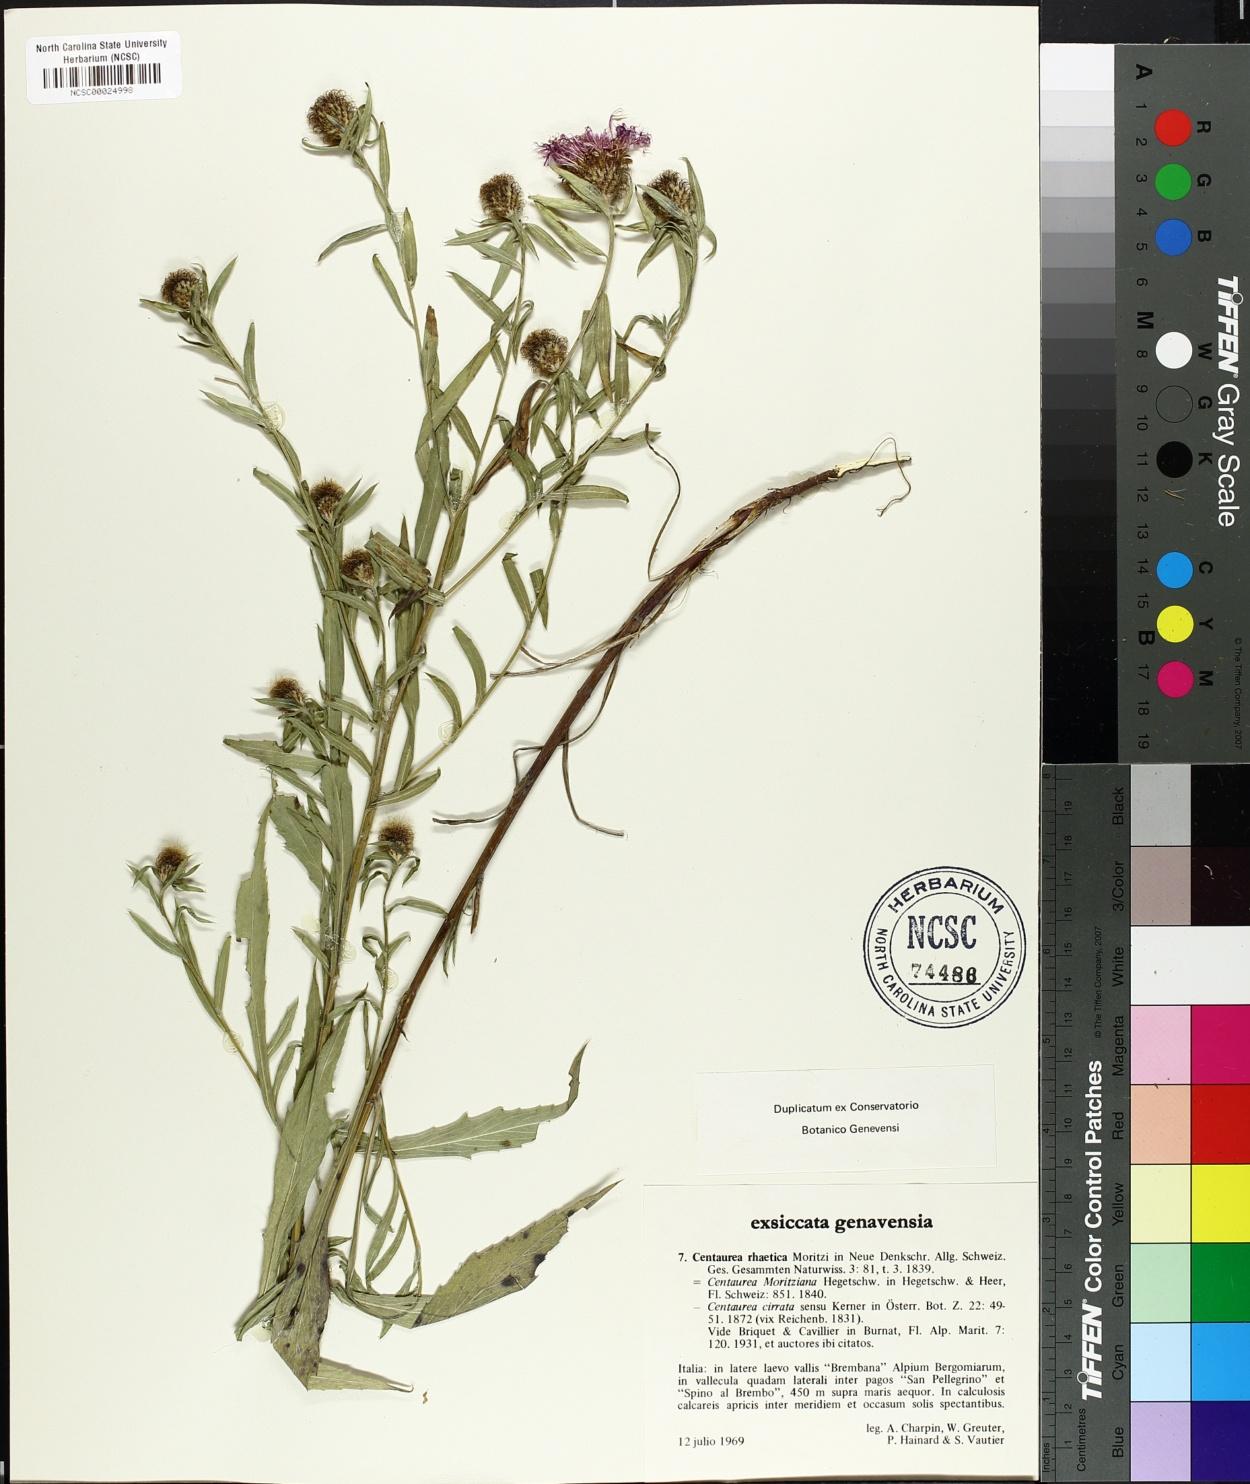 Centaurea rhaetica image